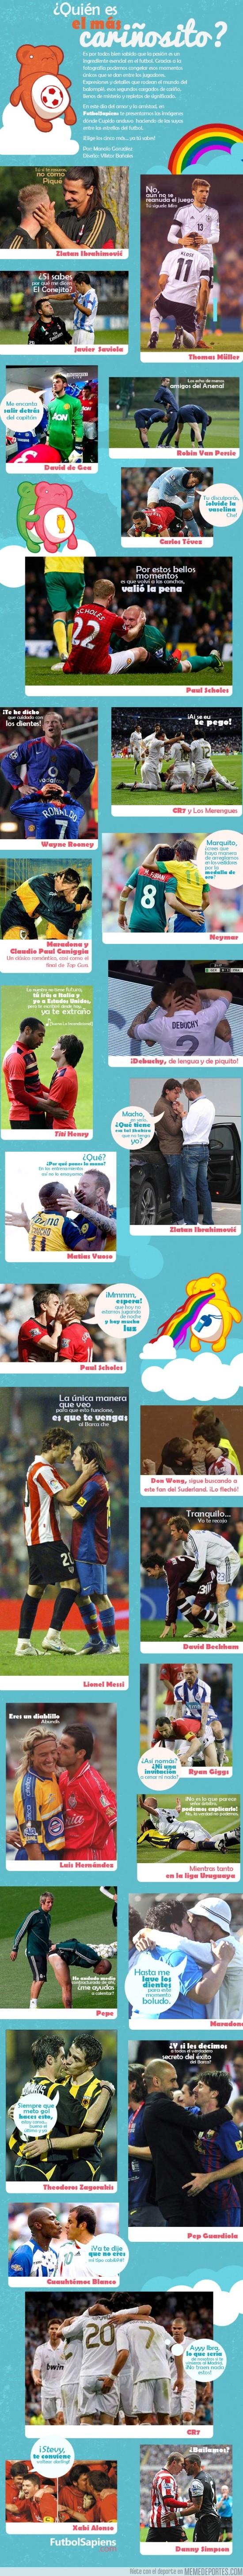 84365 - San Valentin Futbolero